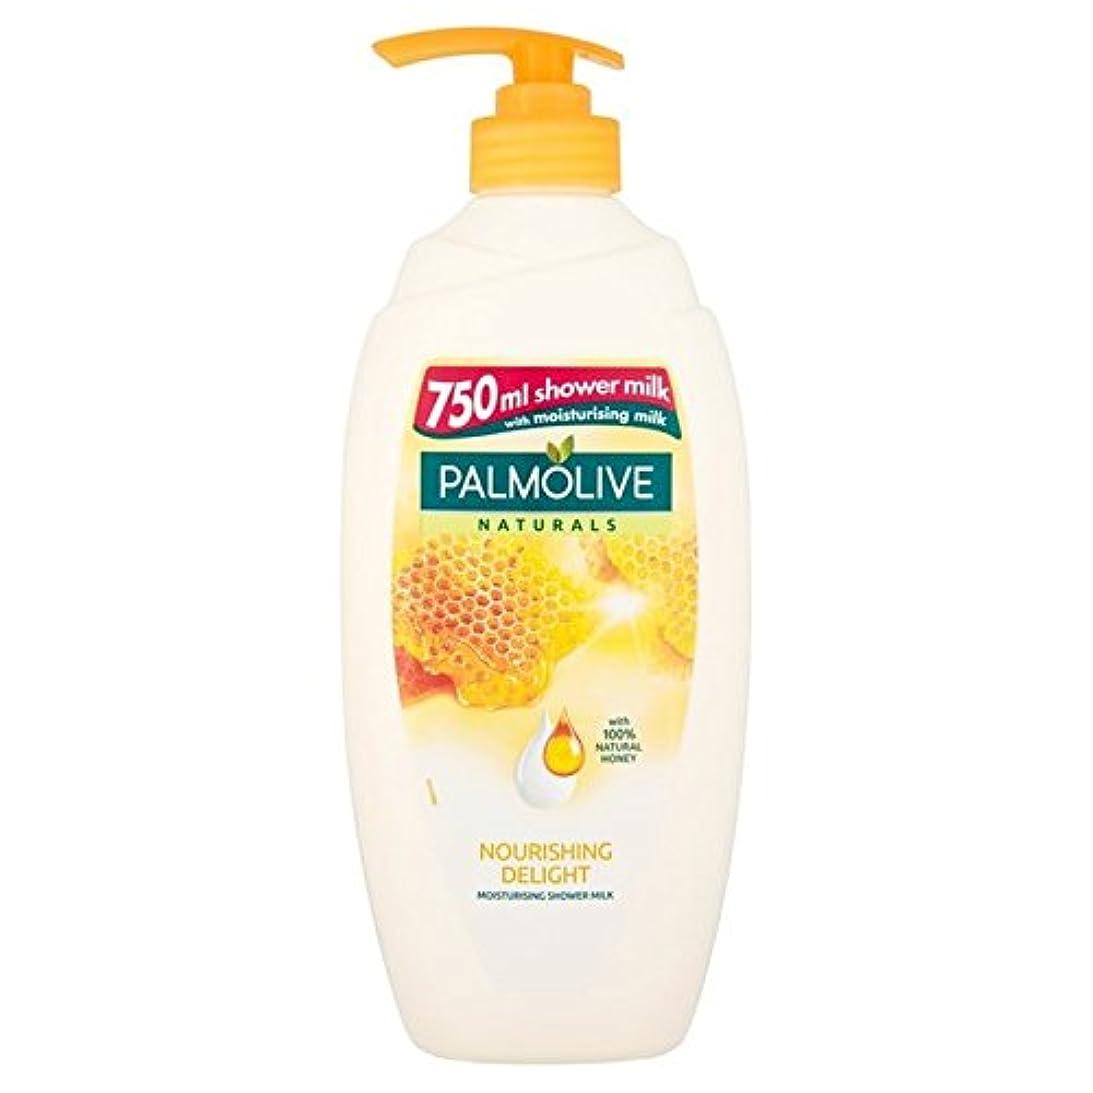 うぬぼれきらめき佐賀Palmolive Naturals Nourishing Shower Naturals Milk with Honey 750ml - 蜂蜜の750ミリリットルとシャワーナチュラルミルク栄養パルモライブナチュラル [...